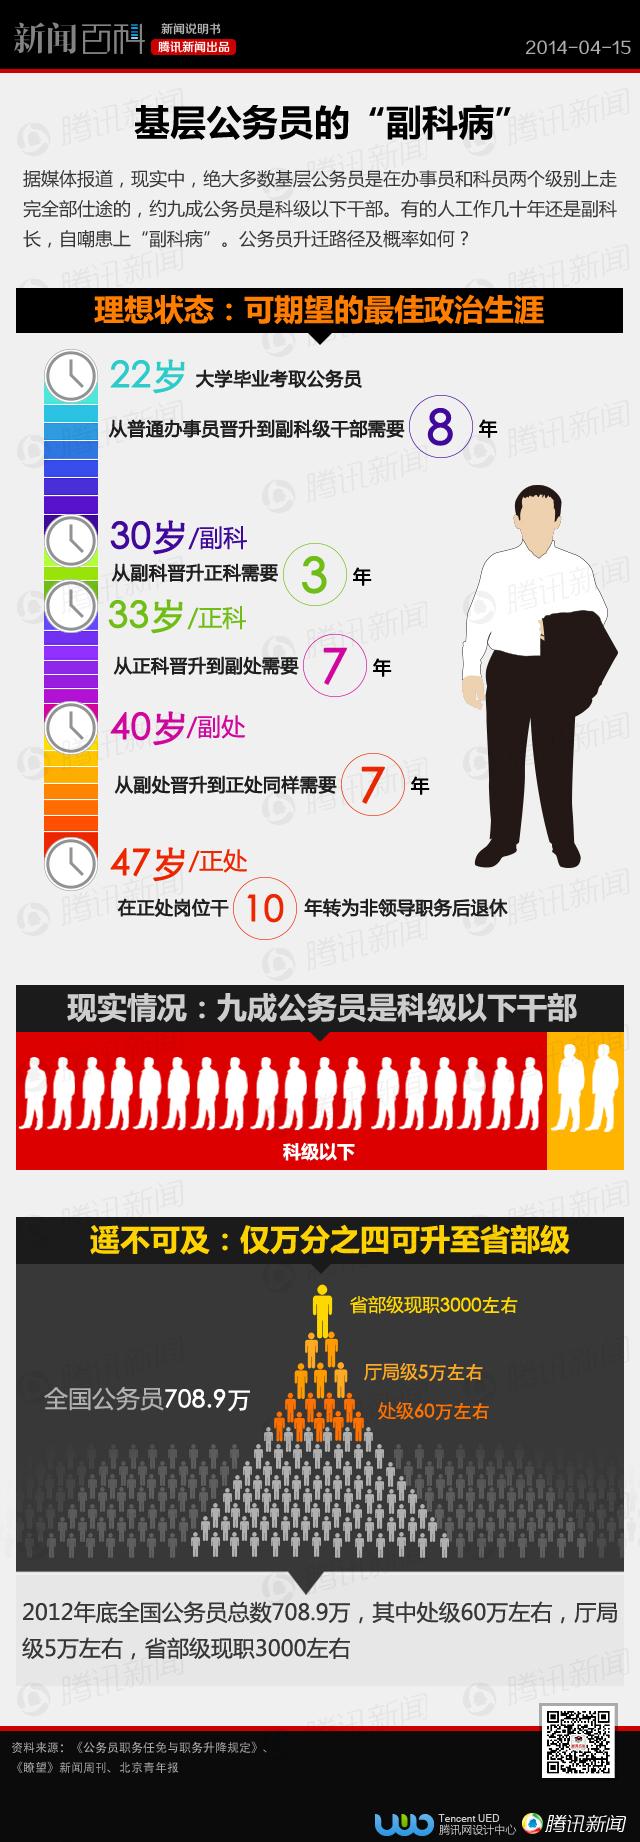 """【看图说话】公务员的""""副科病"""":仅万分之四能升至省部级 - 纳兰容若 - 纳兰容若"""